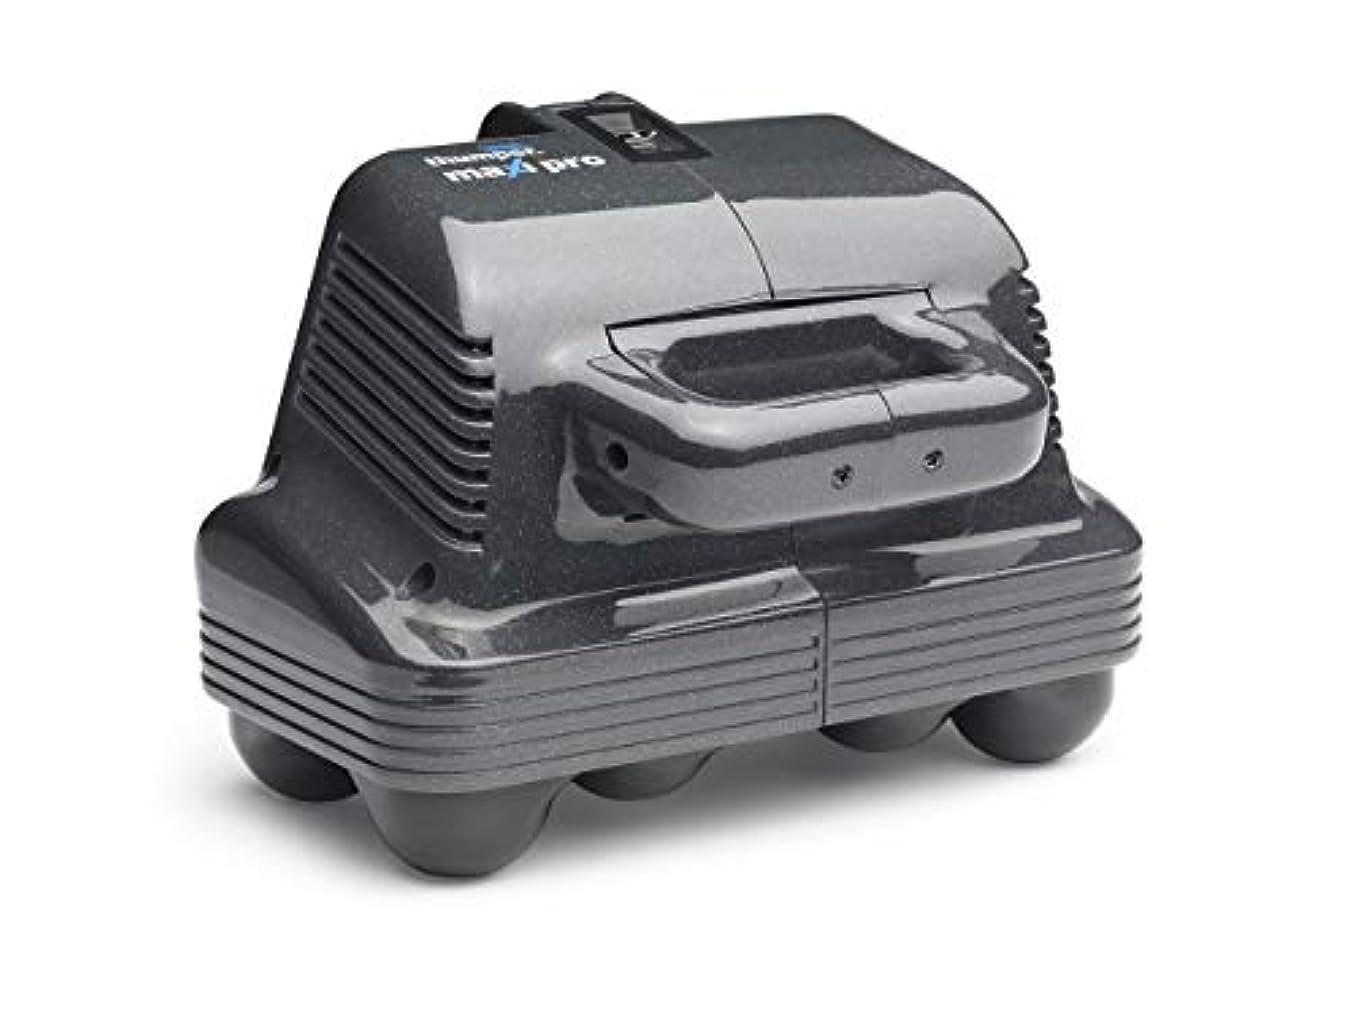 来て悪意のある祖先Thumper Maxi Pro プロフェッショナル 電気マッサージャー